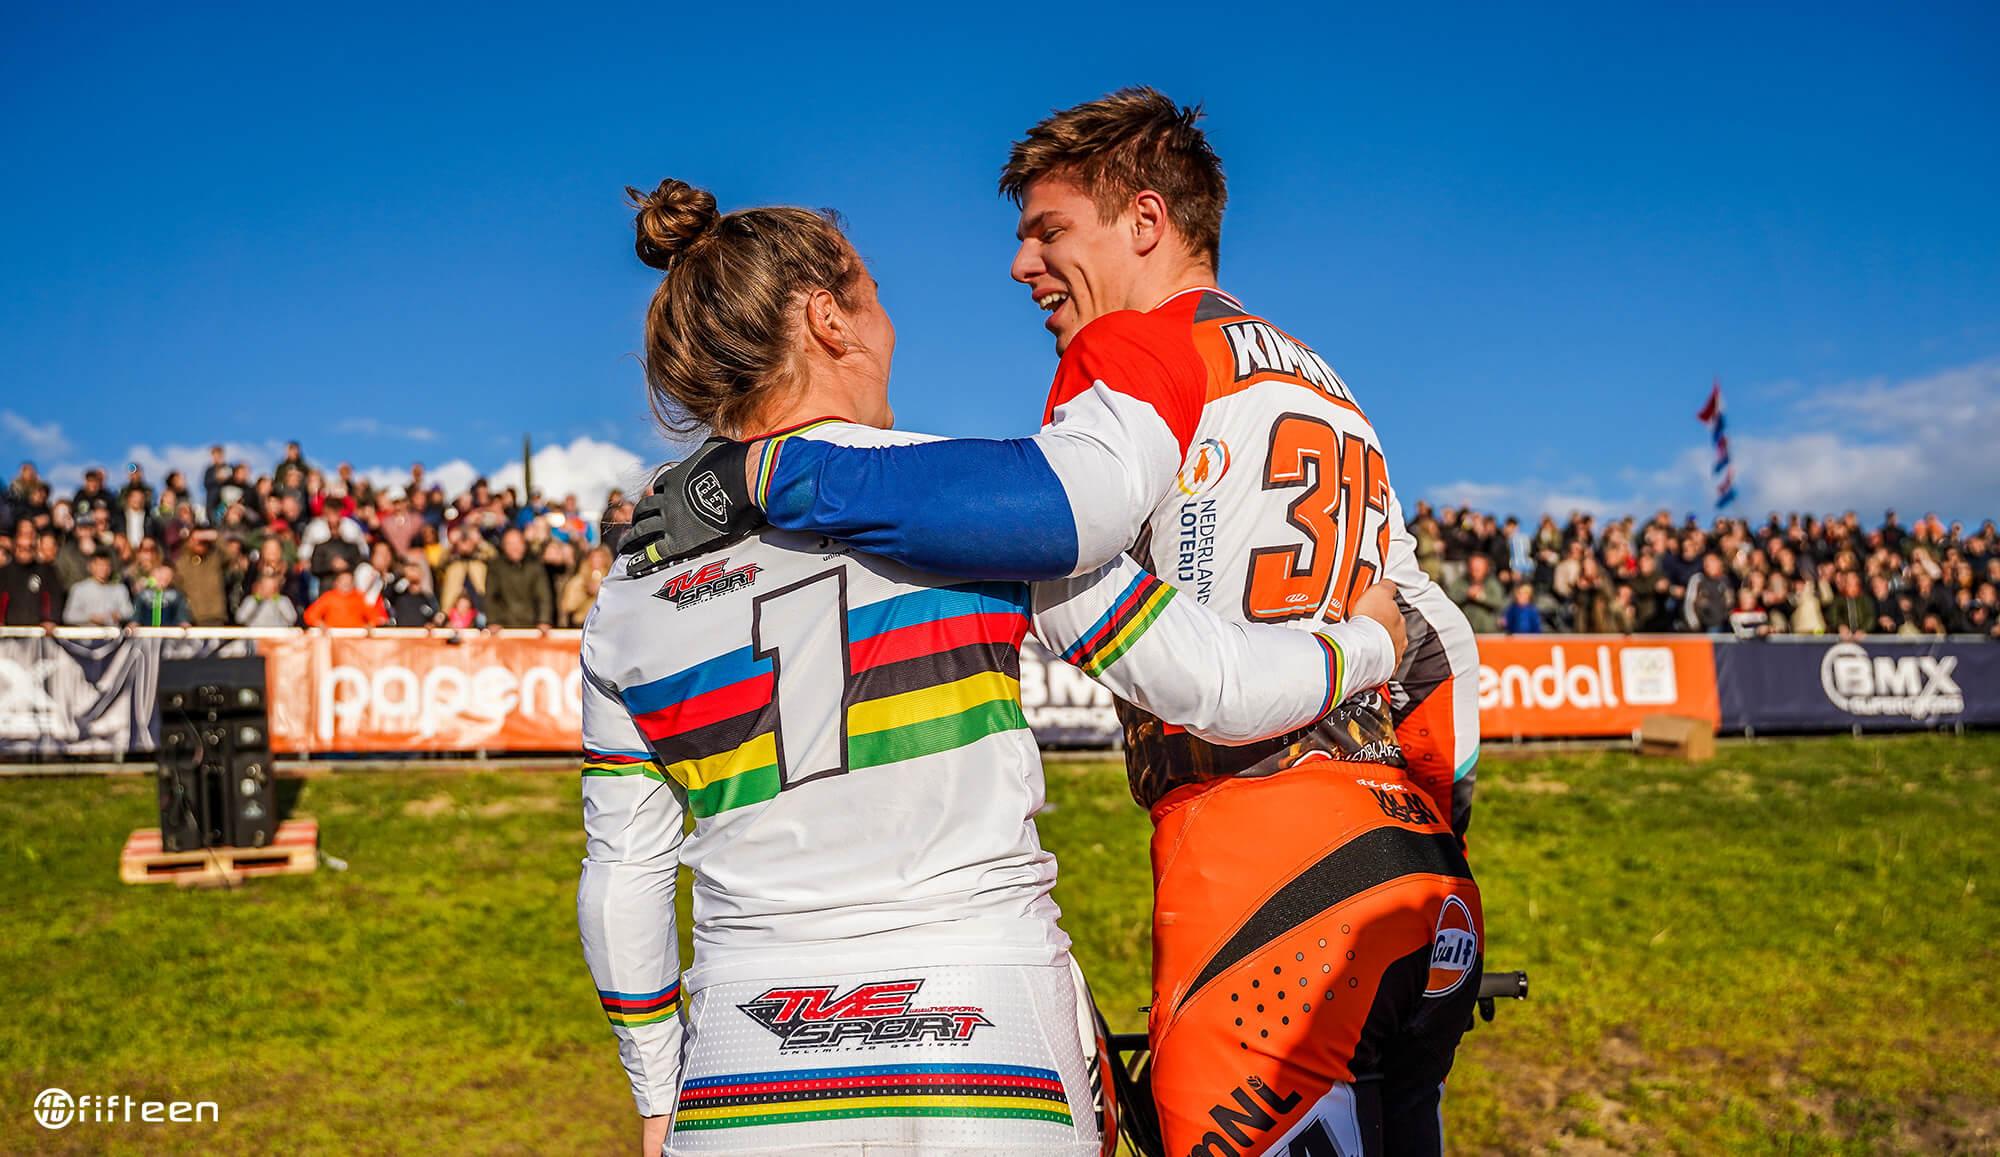 Niek Kimmann and Laura Smulders - Fifteen BMX